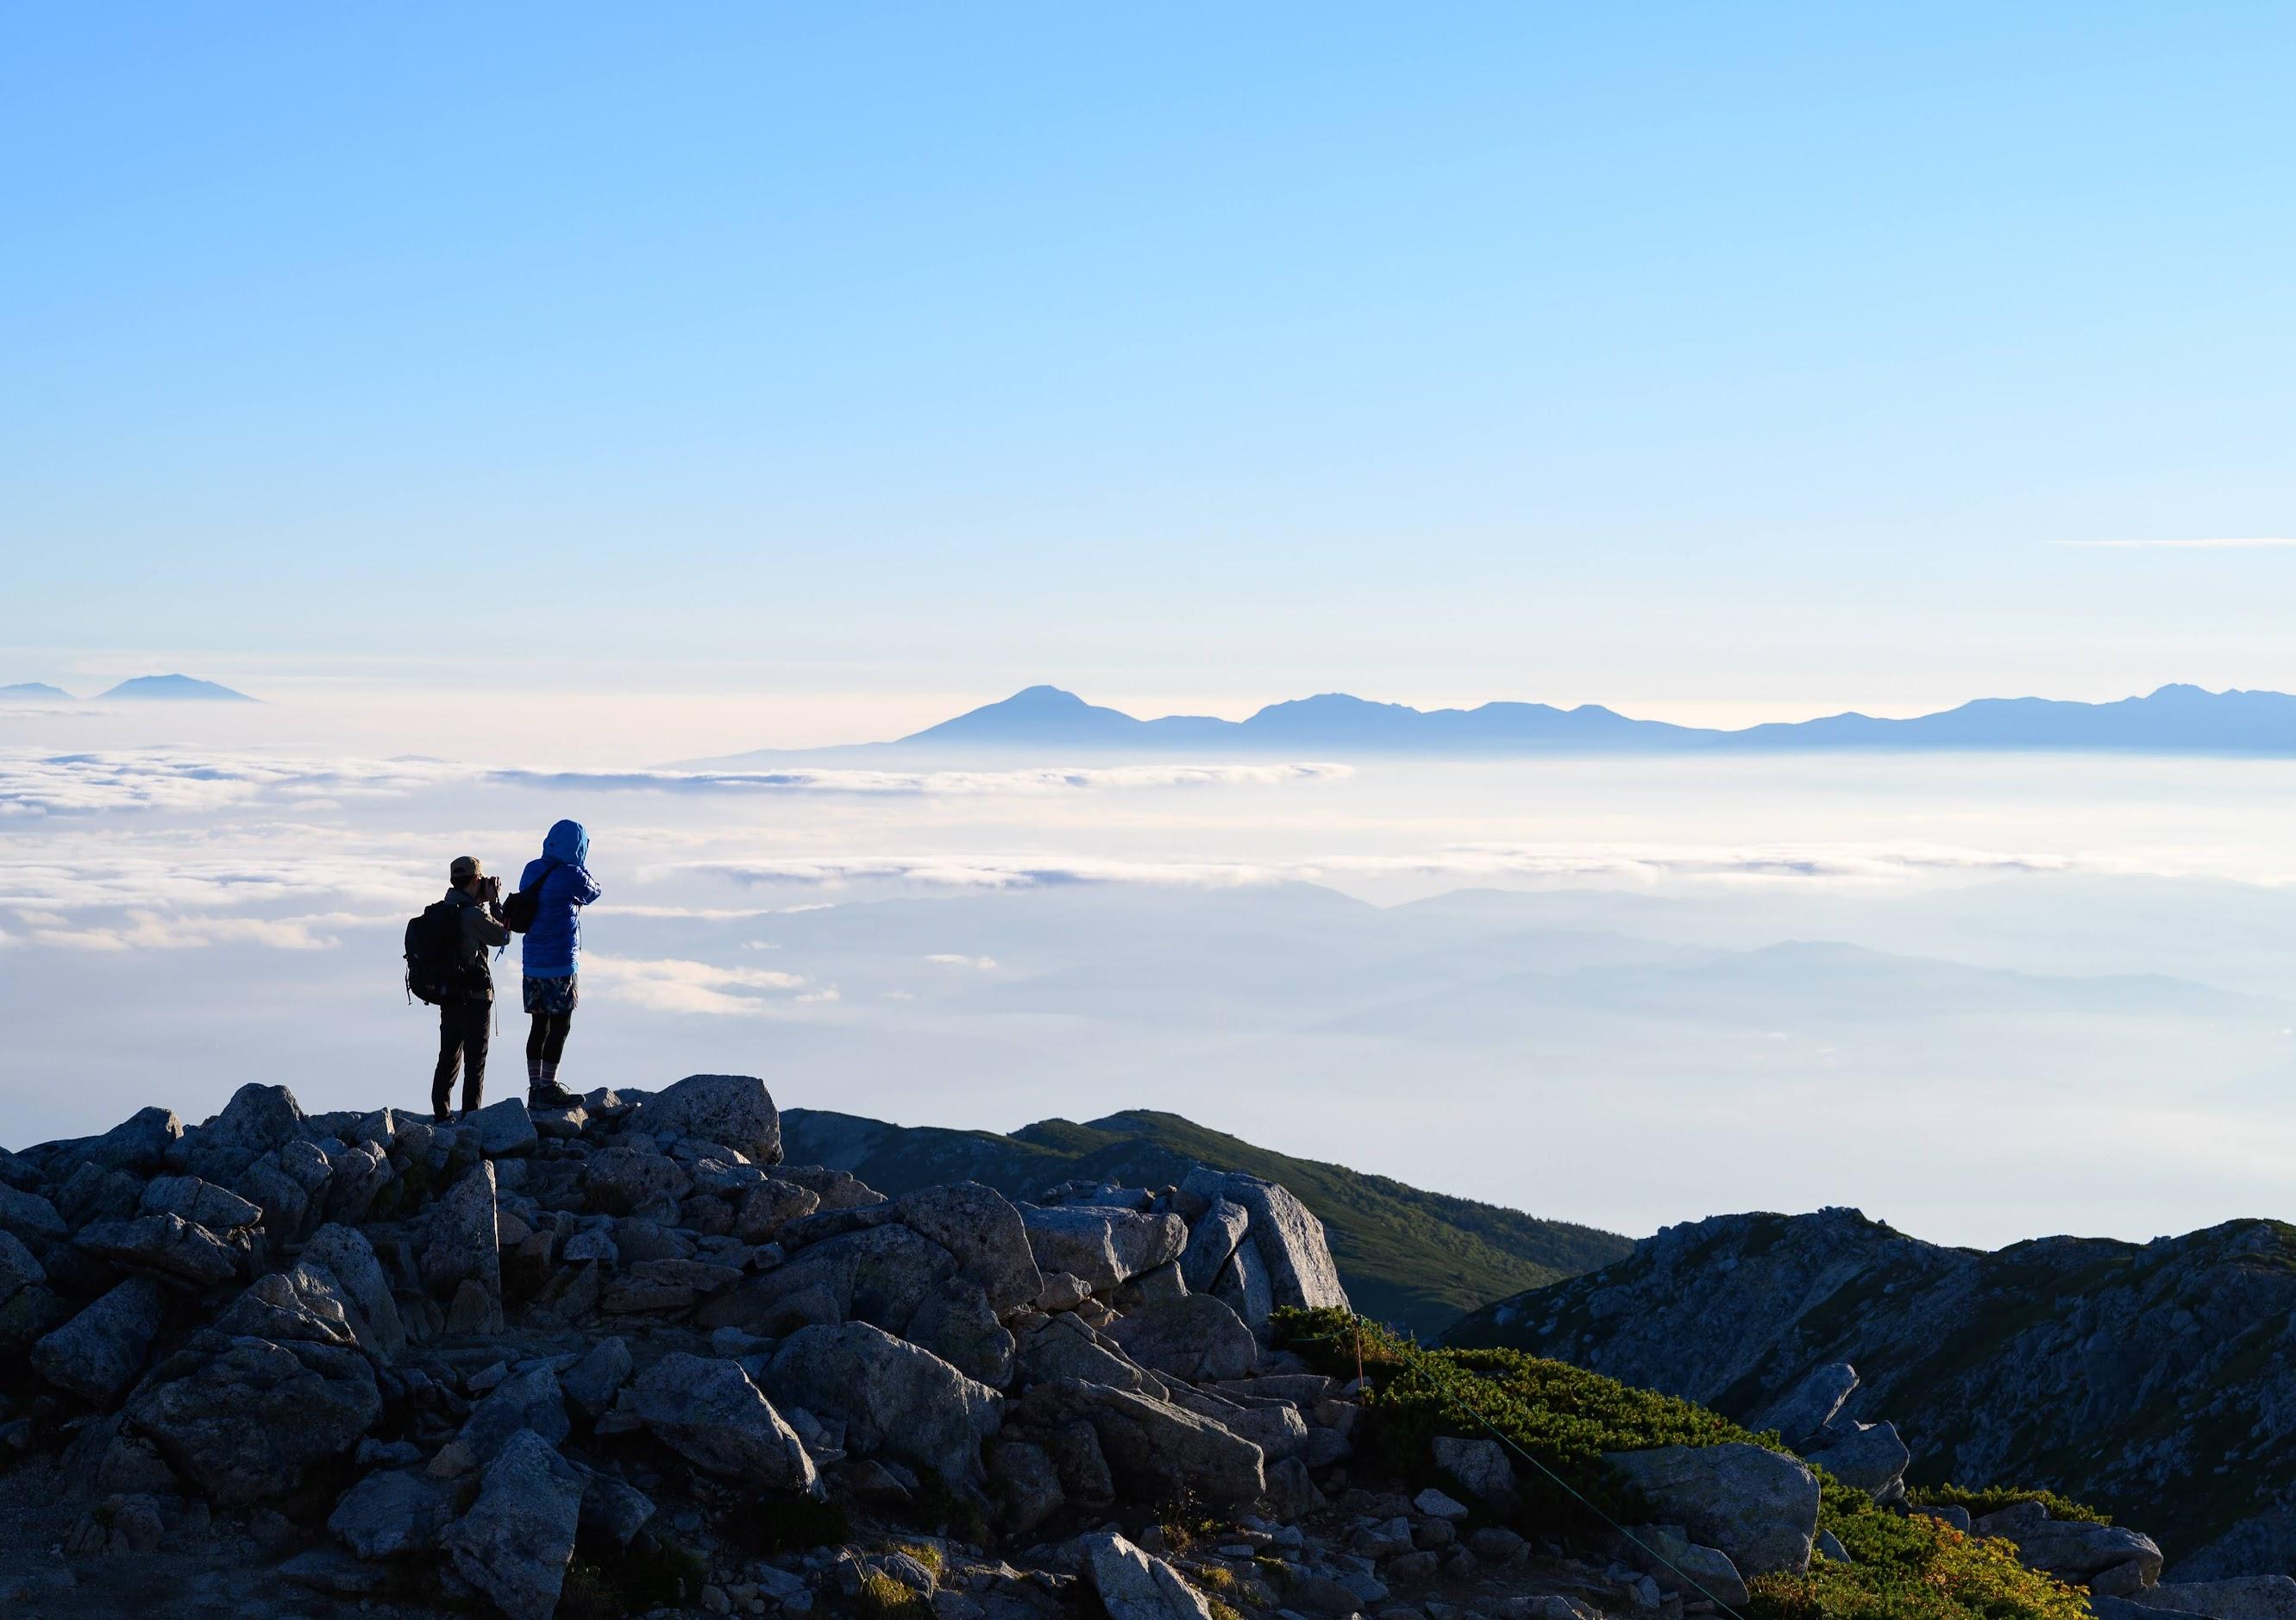 日帰り登山なんてもったいない!登山するなら山泊が絶対おすすめな「6つの理由」